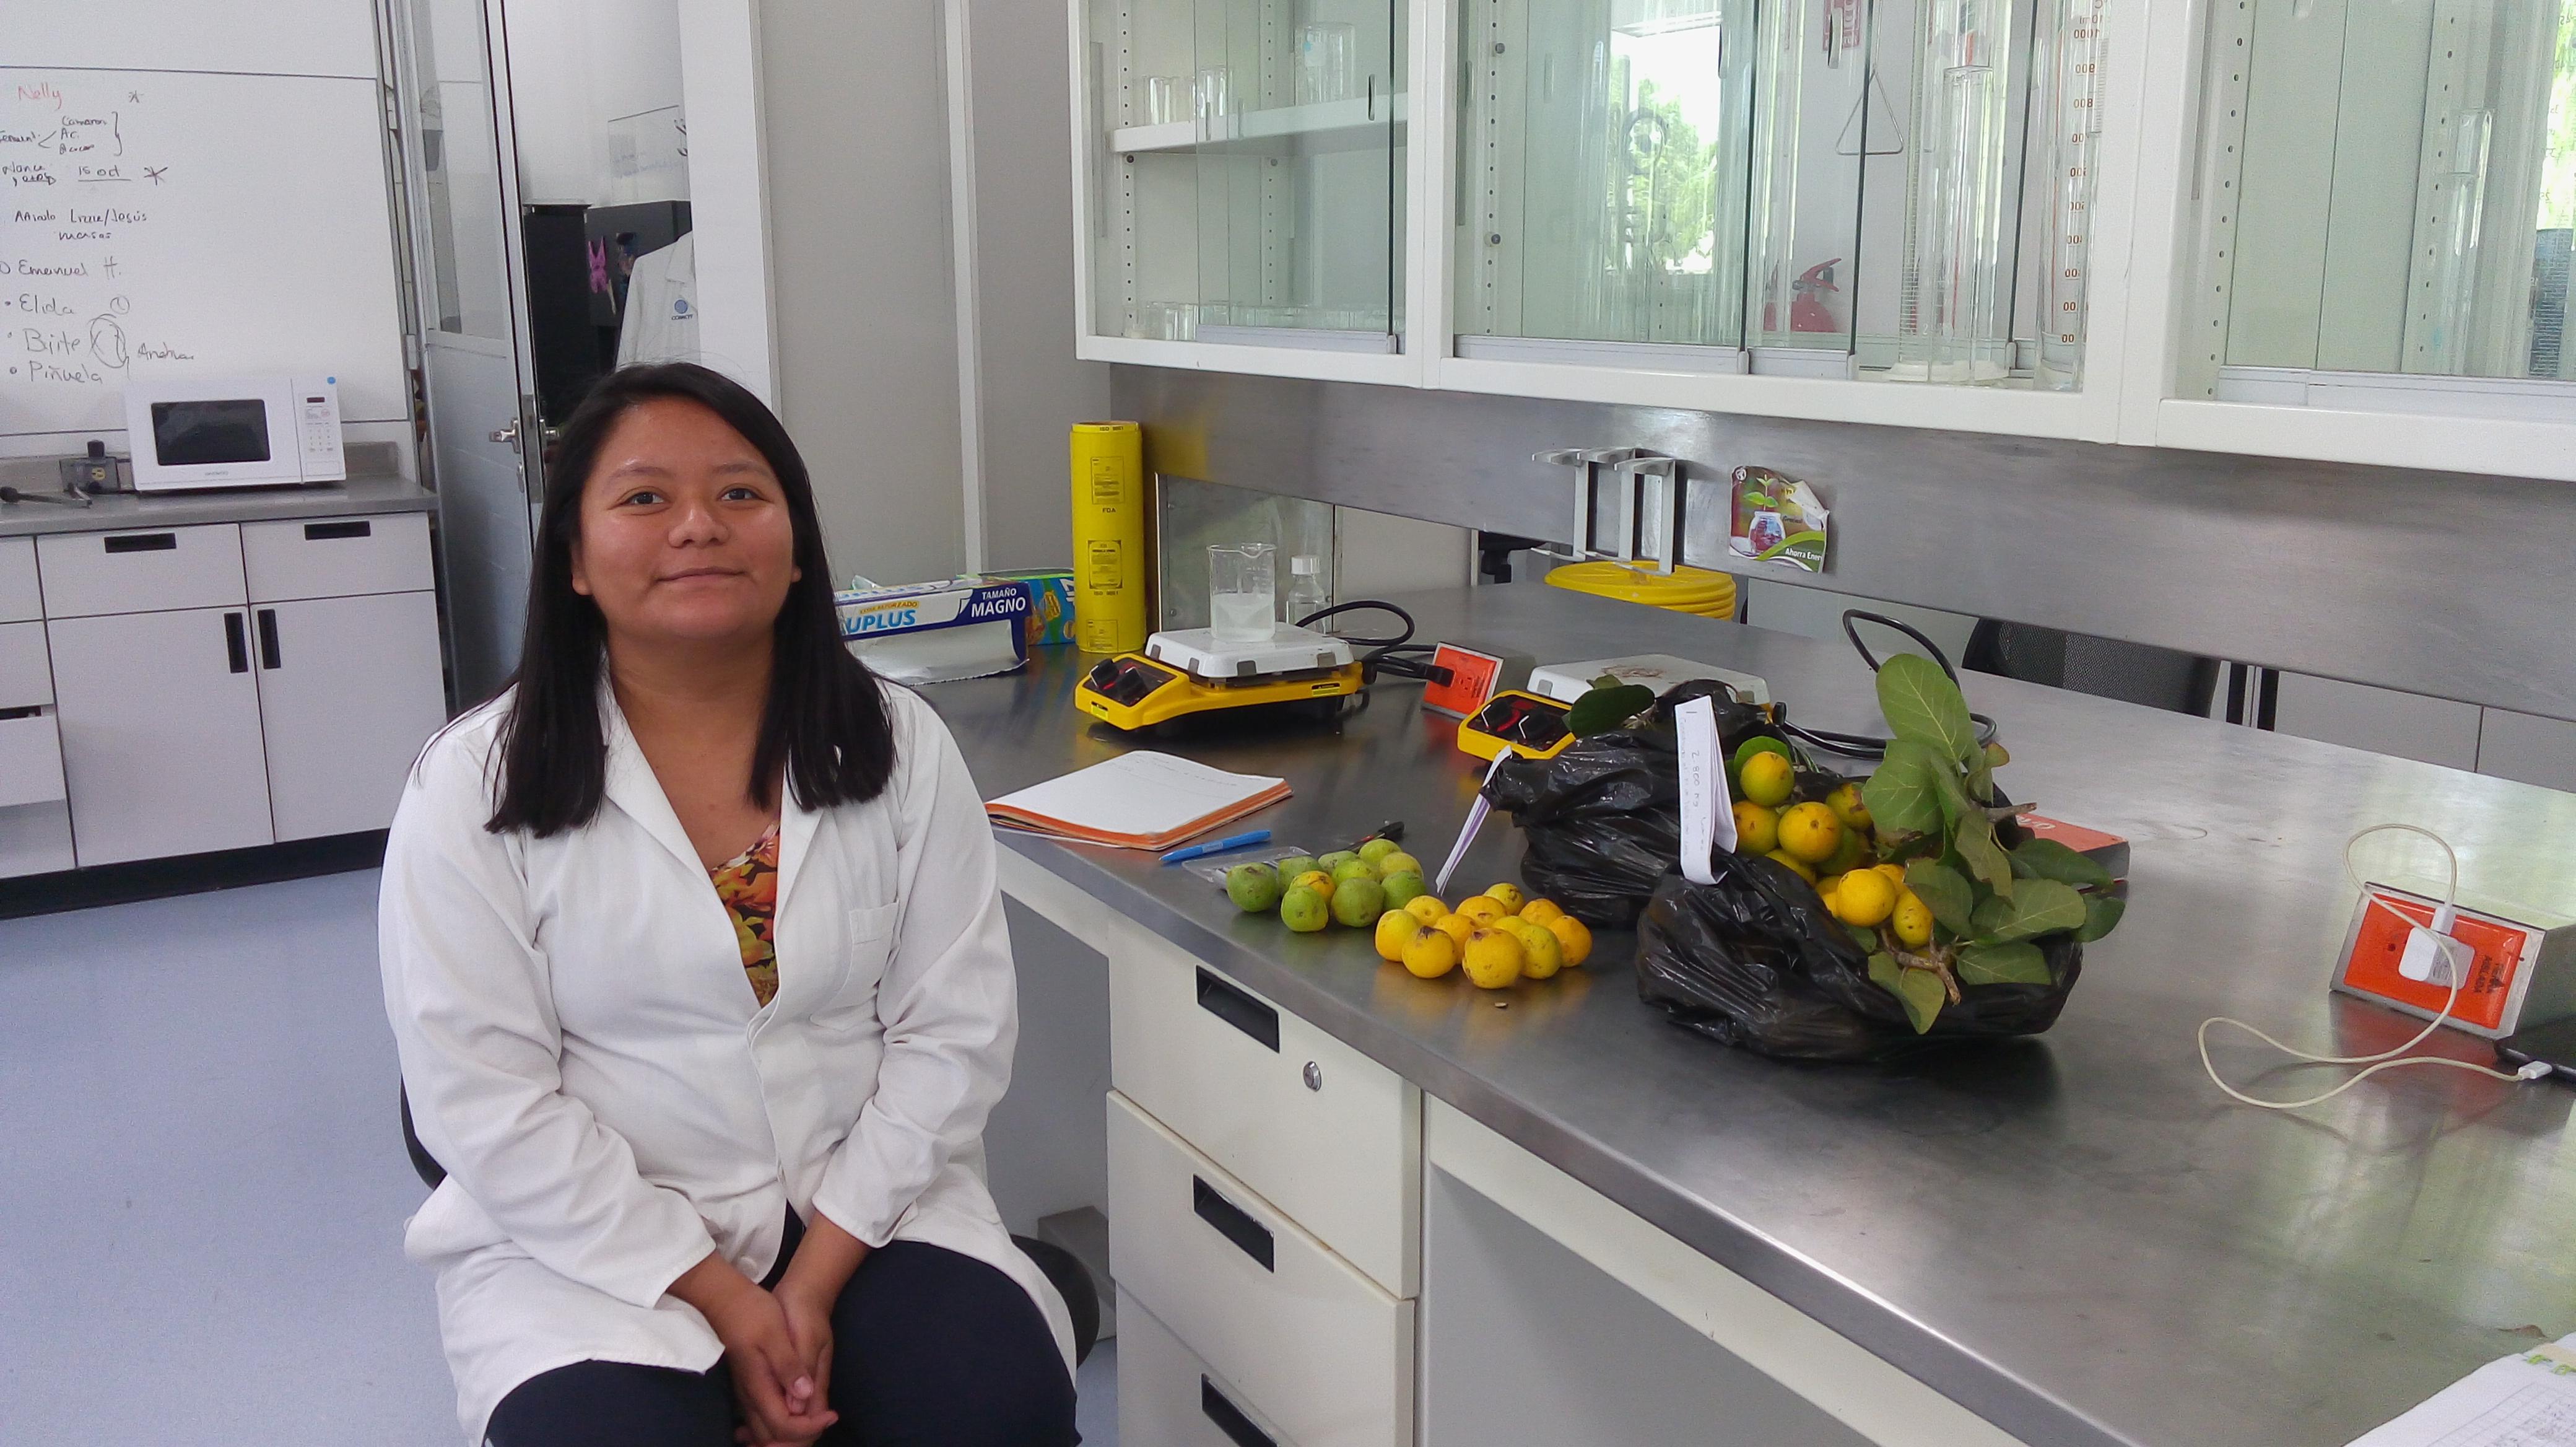 Kimberly Méndez Campos alumna de licenciatura del Instituto Tecnológico Superior de Martínez de la Torre, quien se encuentra trabajando con los frutos para su tesis